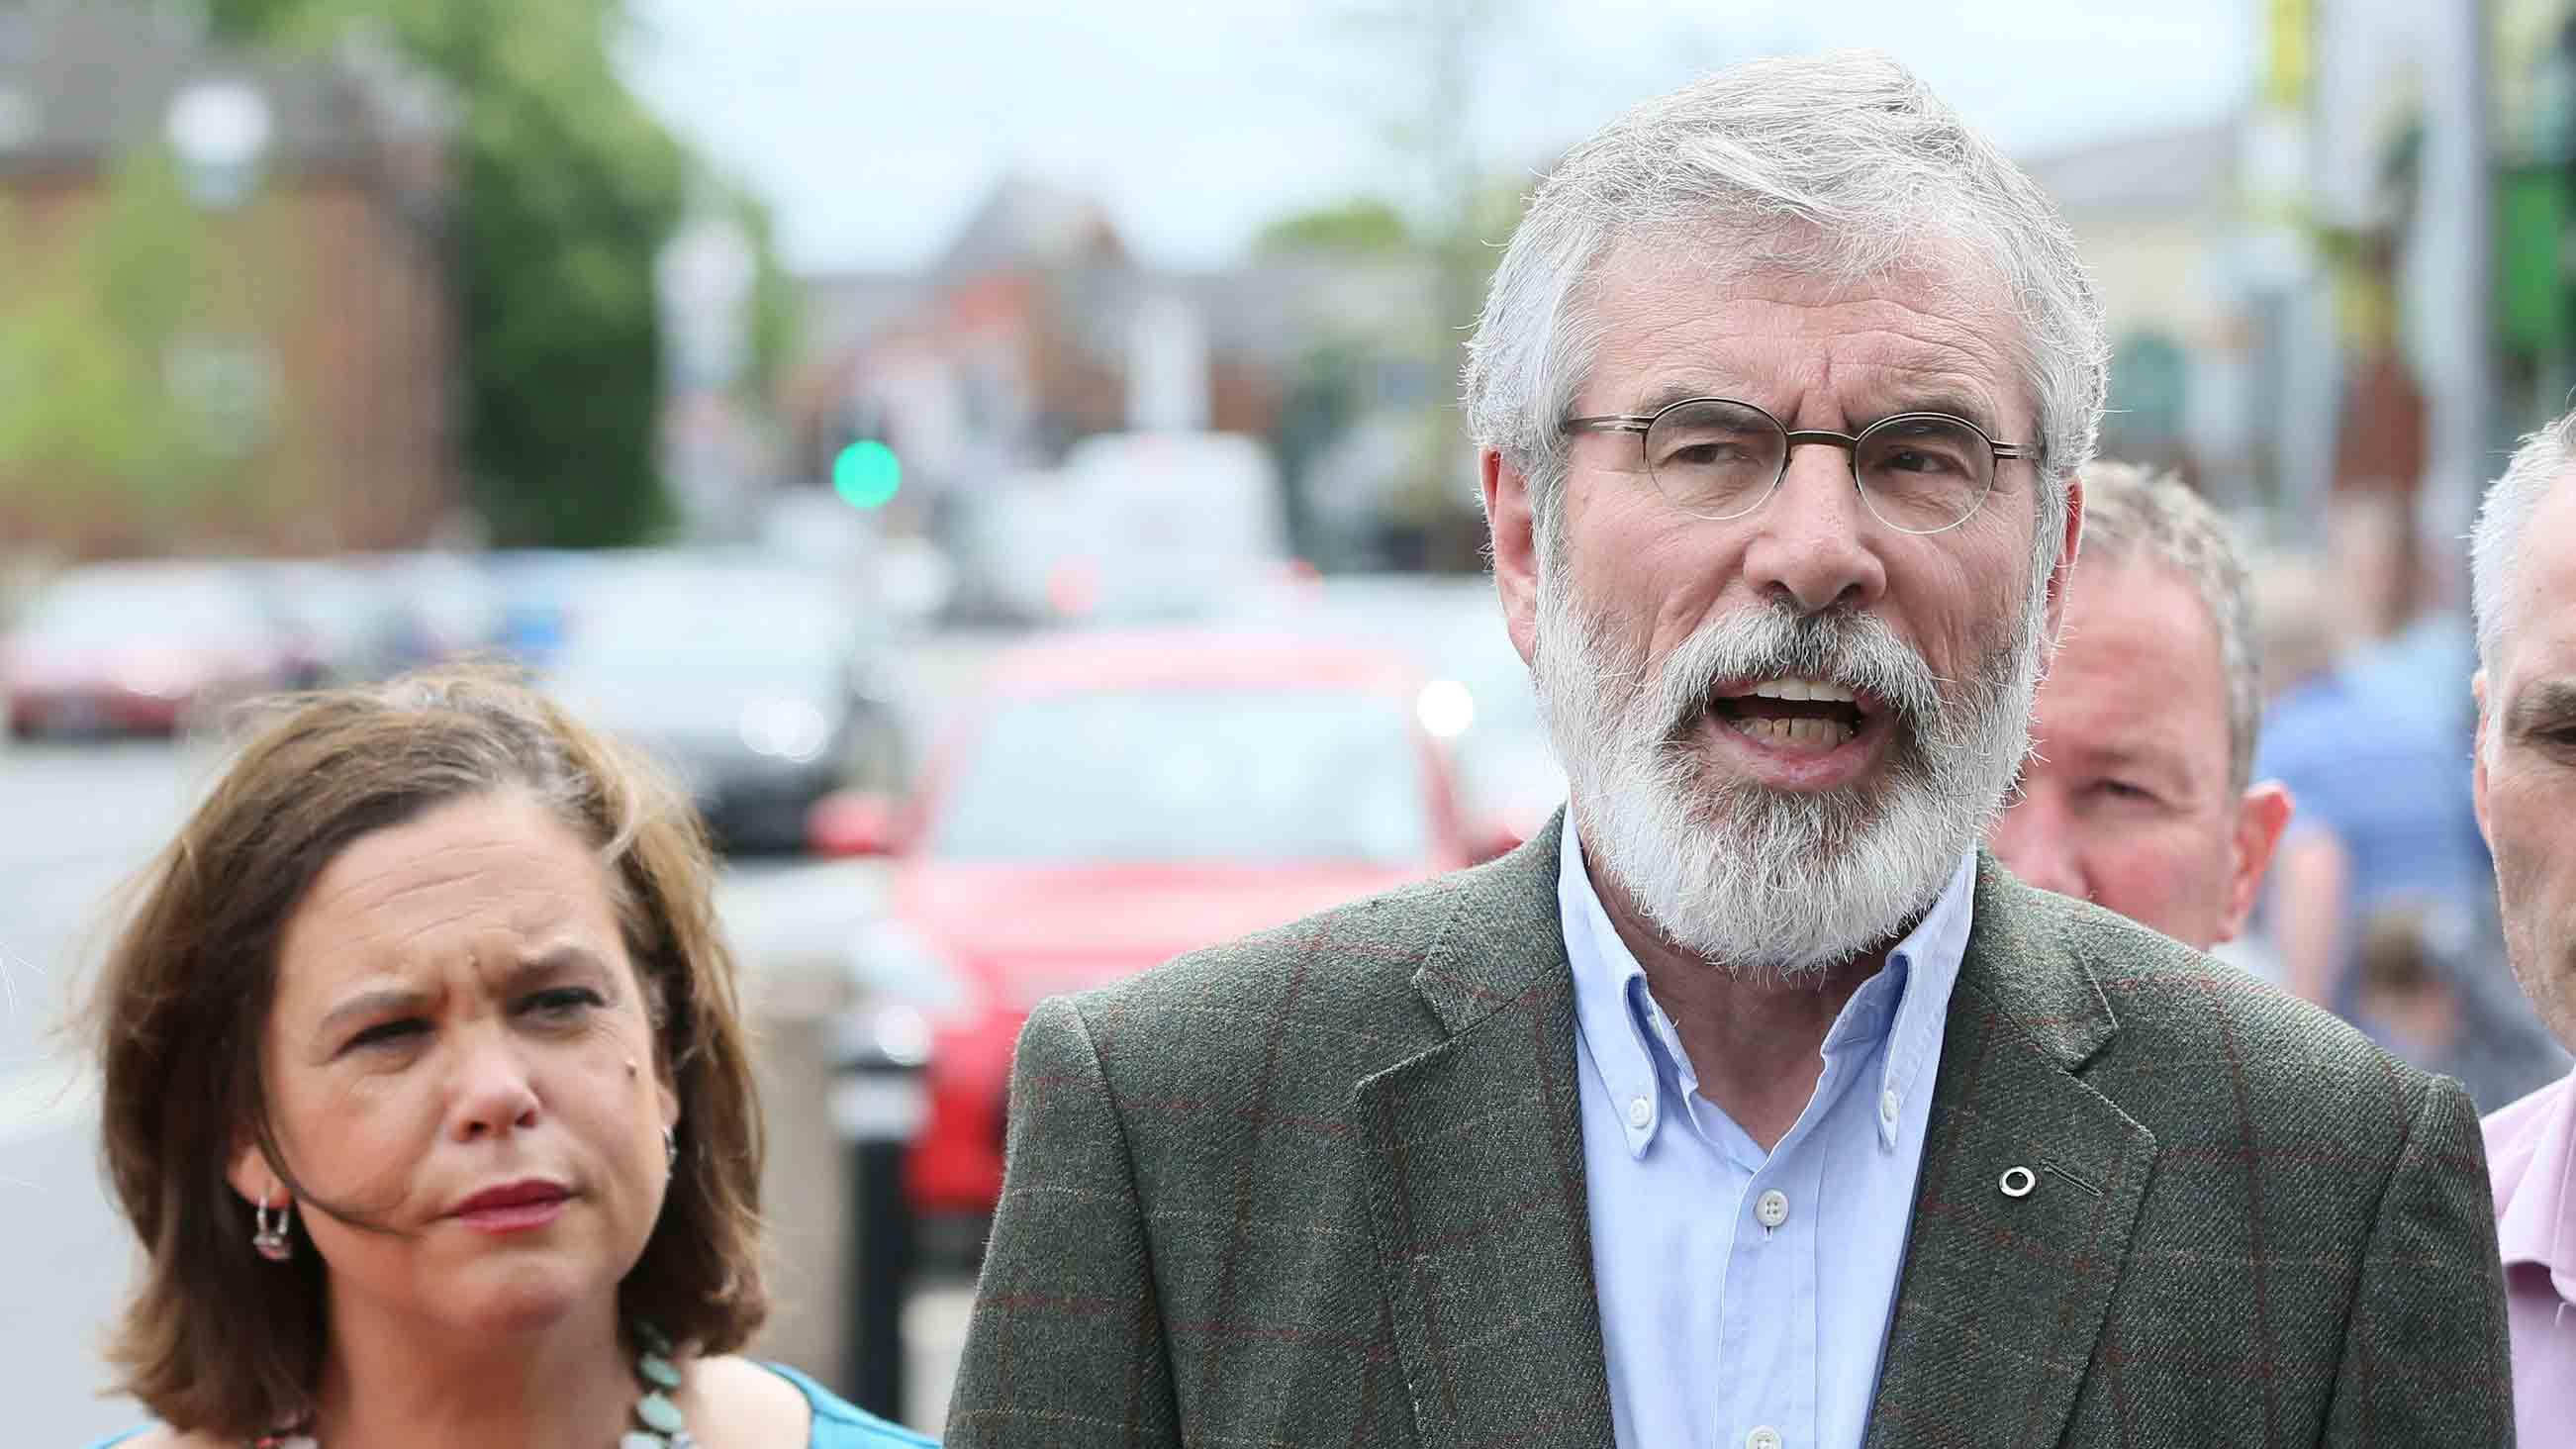 El líder norirlandés Gerry Adams aseguró que se llevará cabo aunque no destacó una fecha precisa todavía